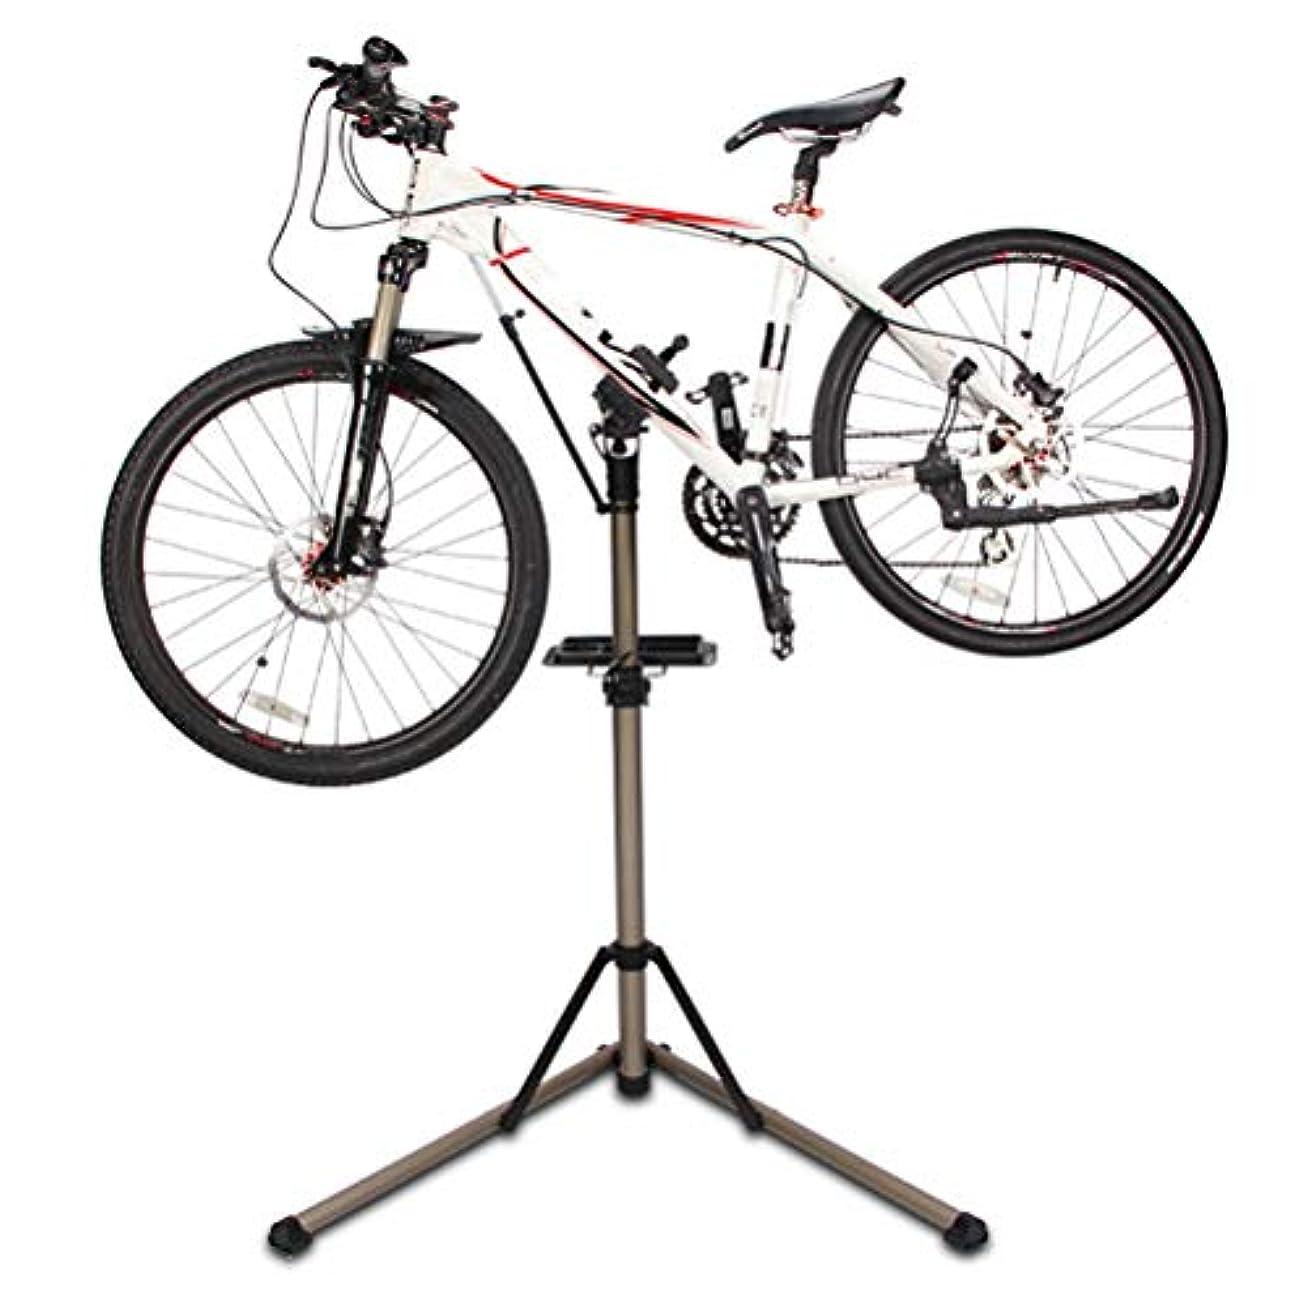 ダーリンミッション温室自転車修理駐車ラック、アルミ合金調整可能な自転車収納ラックディスプレイスタンドガレージ駐車マウンテン自転車修理用